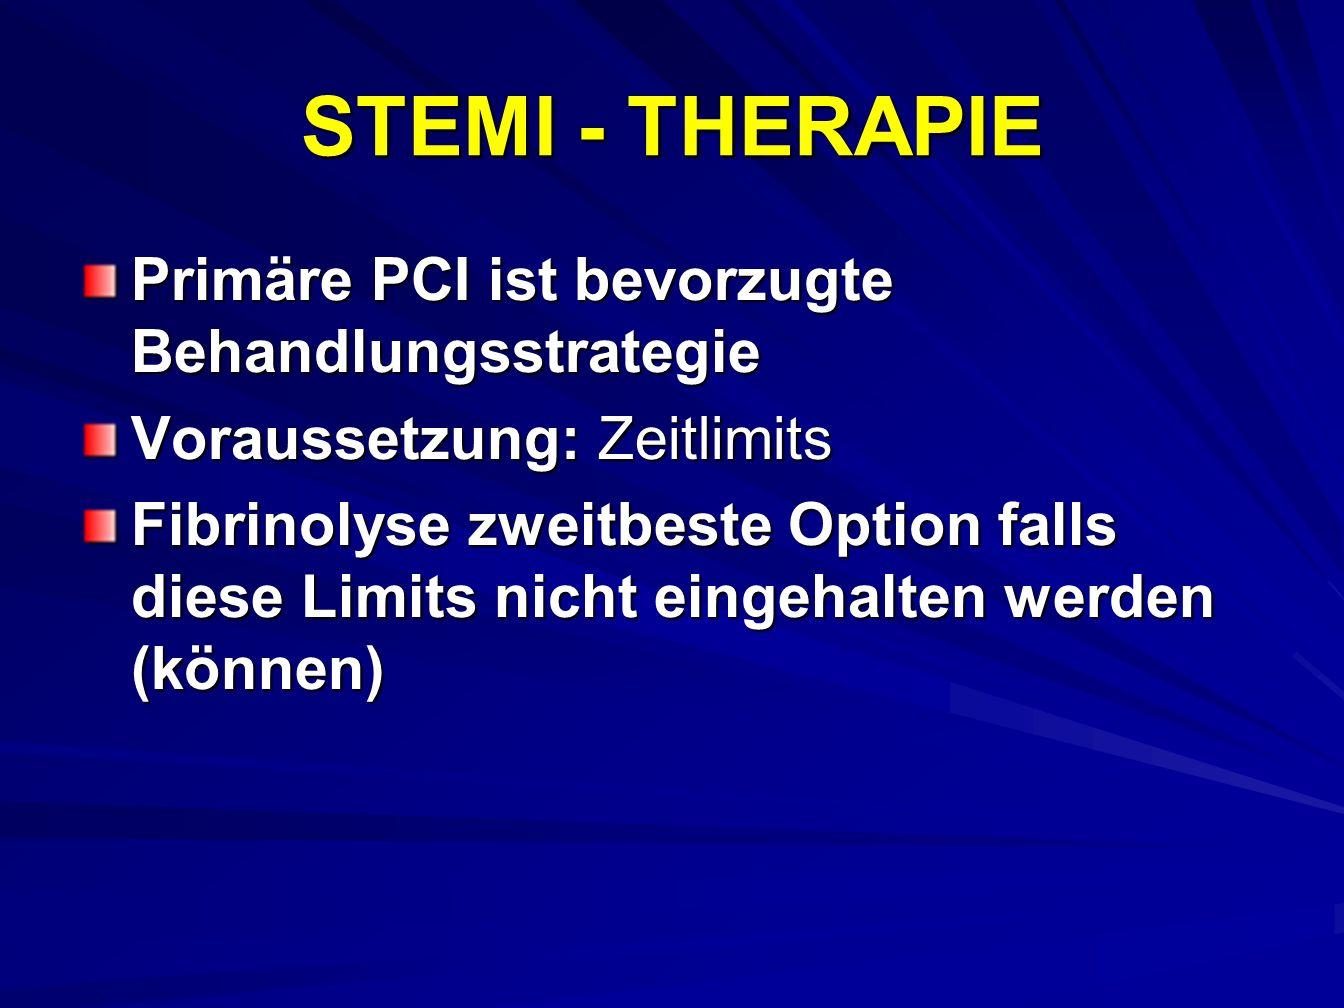 STEMI - THERAPIE Primäre PCI ist bevorzugte Behandlungsstrategie